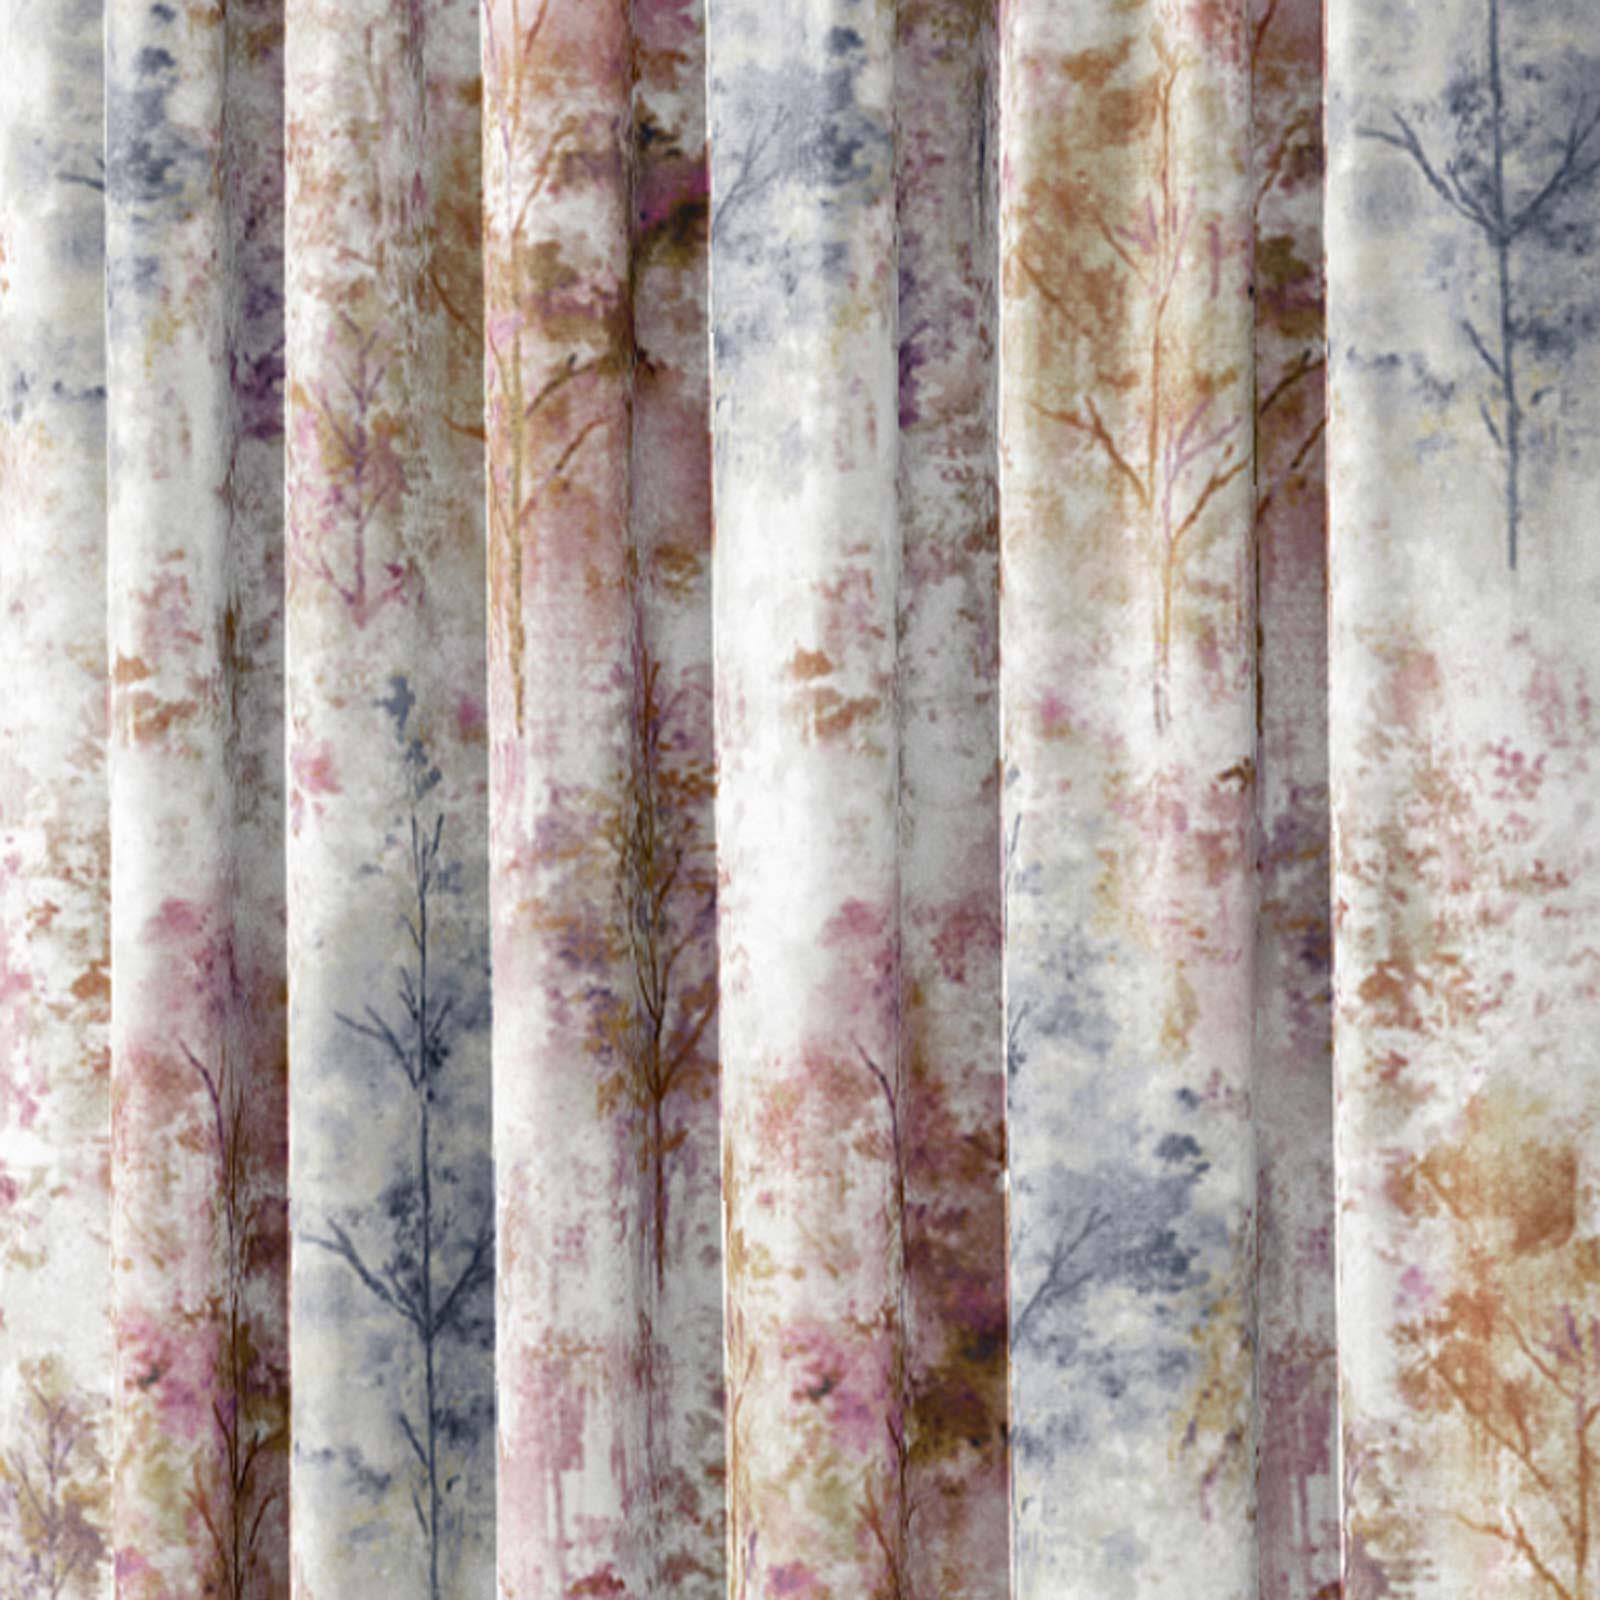 Woodland-Cinta-superior-Cortinas-de-arboles-de-impresion-Ready-Made-3-034-pares-de-cortina-plisado miniatura 5